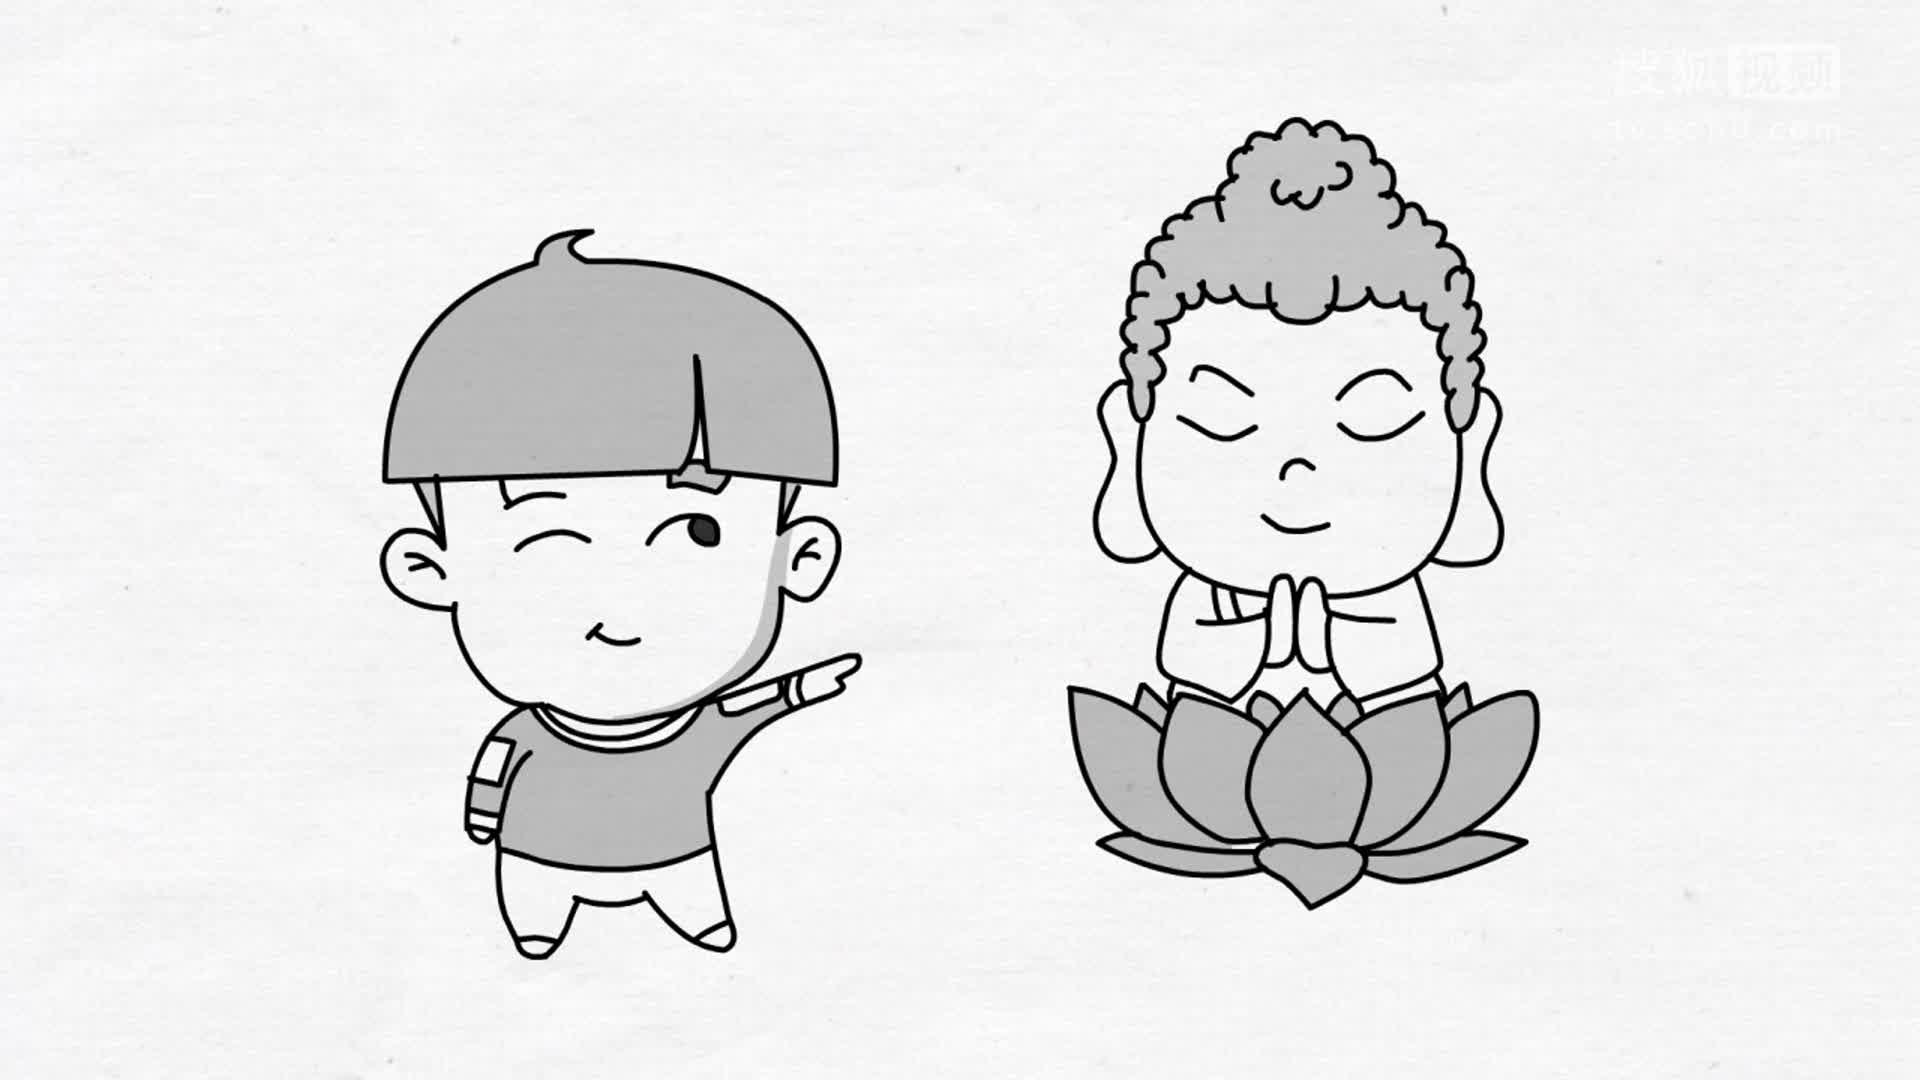 动漫 简笔画 卡通 漫画 手绘 头像 线稿 1920_1080